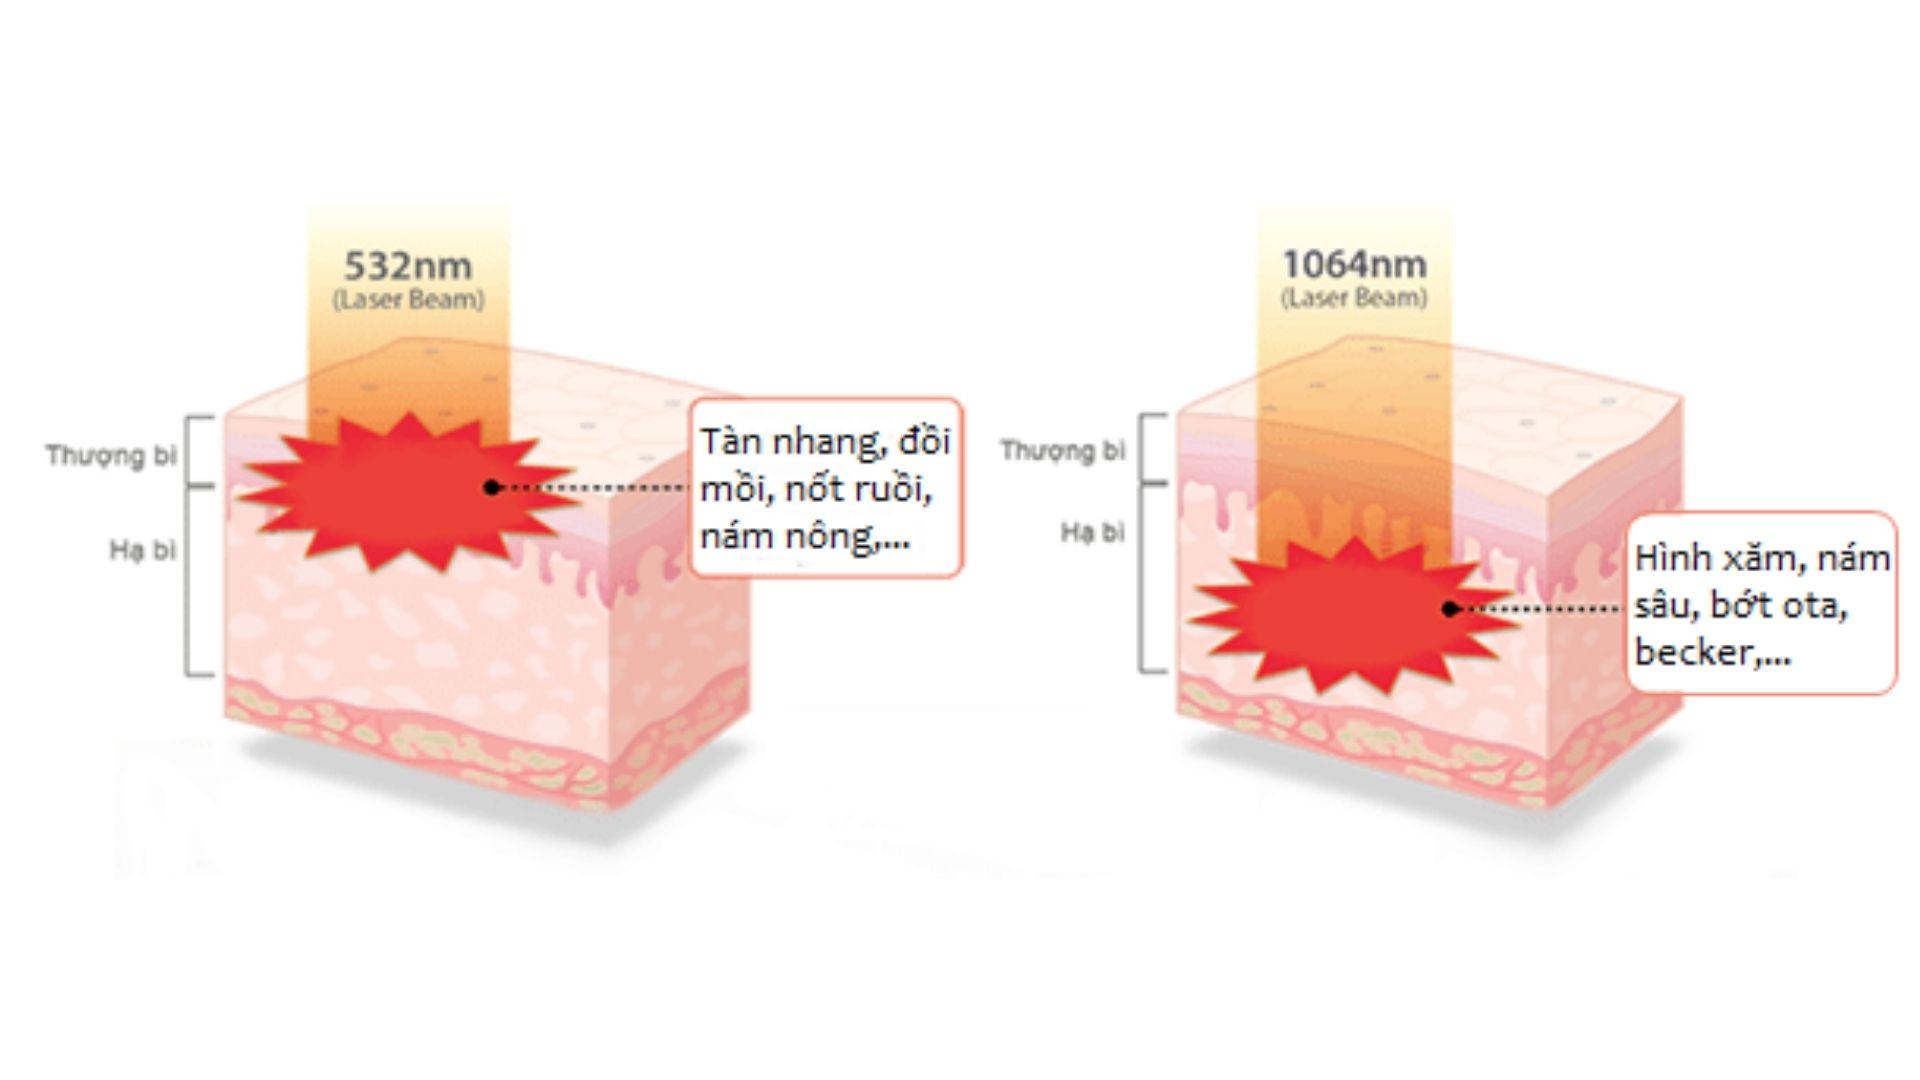 Cơ chế trị nám bằng laser như thế nào